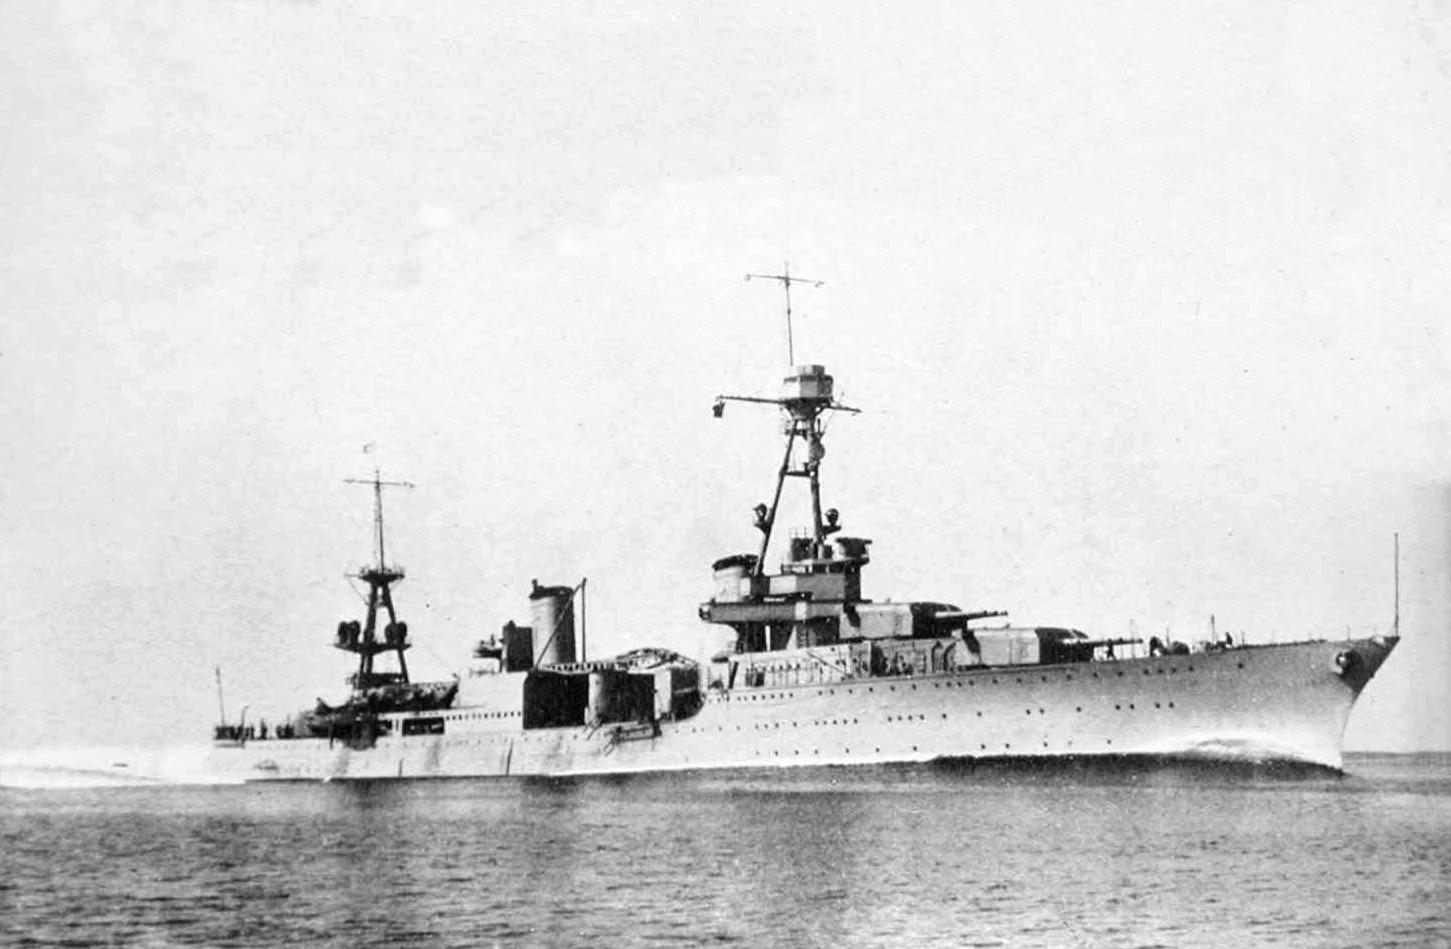 ノーザンプトン級重巡洋艦 - Wik...